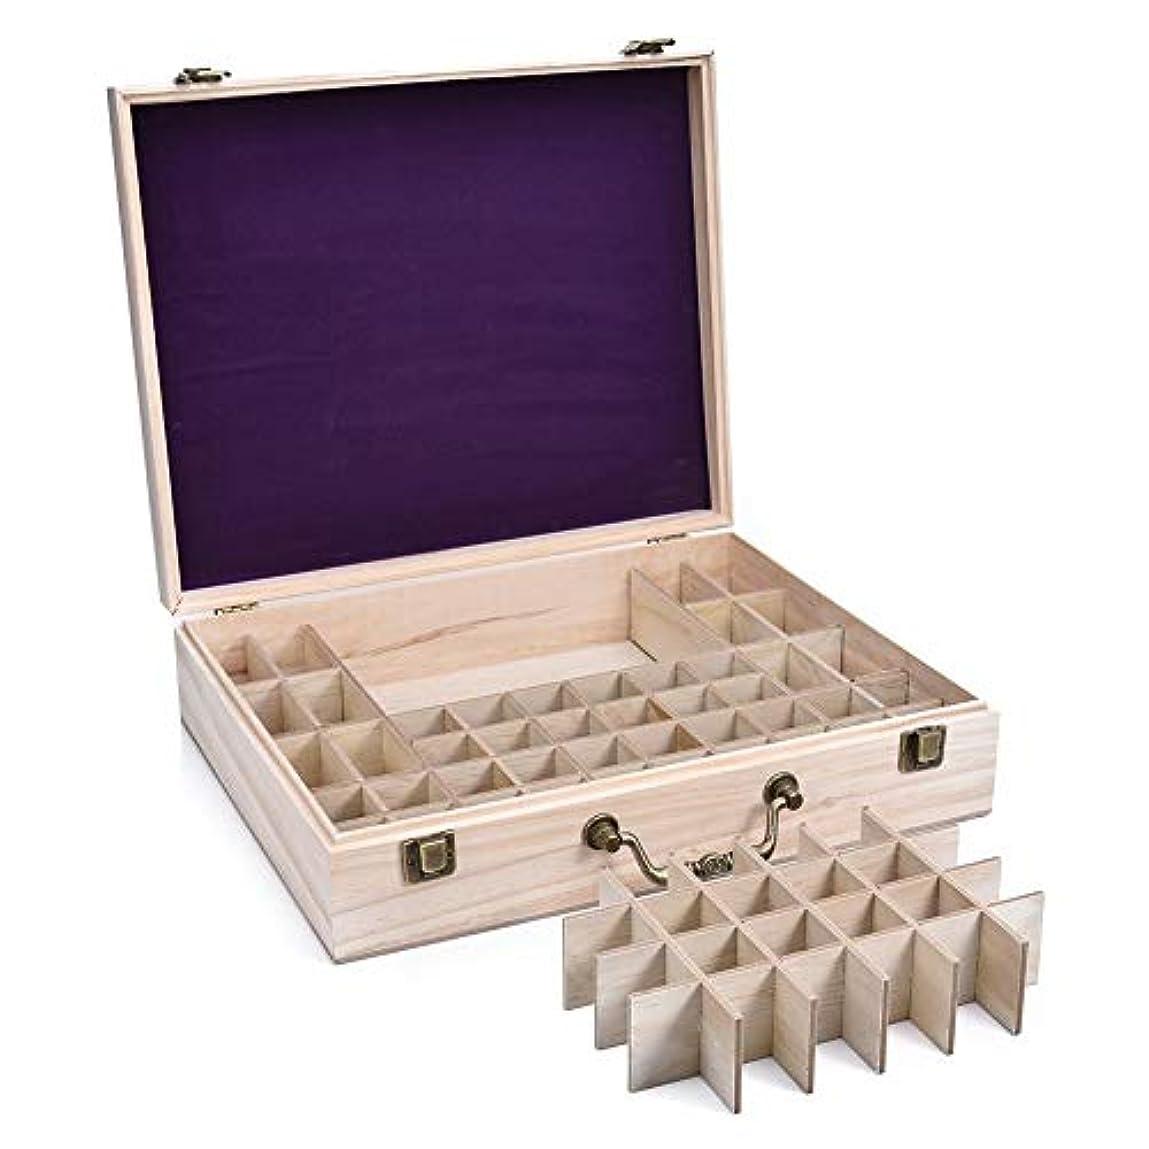 意義固体くつろぐエッセンシャルオイル収納ケース 精油収納ボックス 大容量 68本収納可能 取り外し可能 木製 環境に優しい 5ml?10ml?15ml?115mlの精油ボルトに対応 junexi